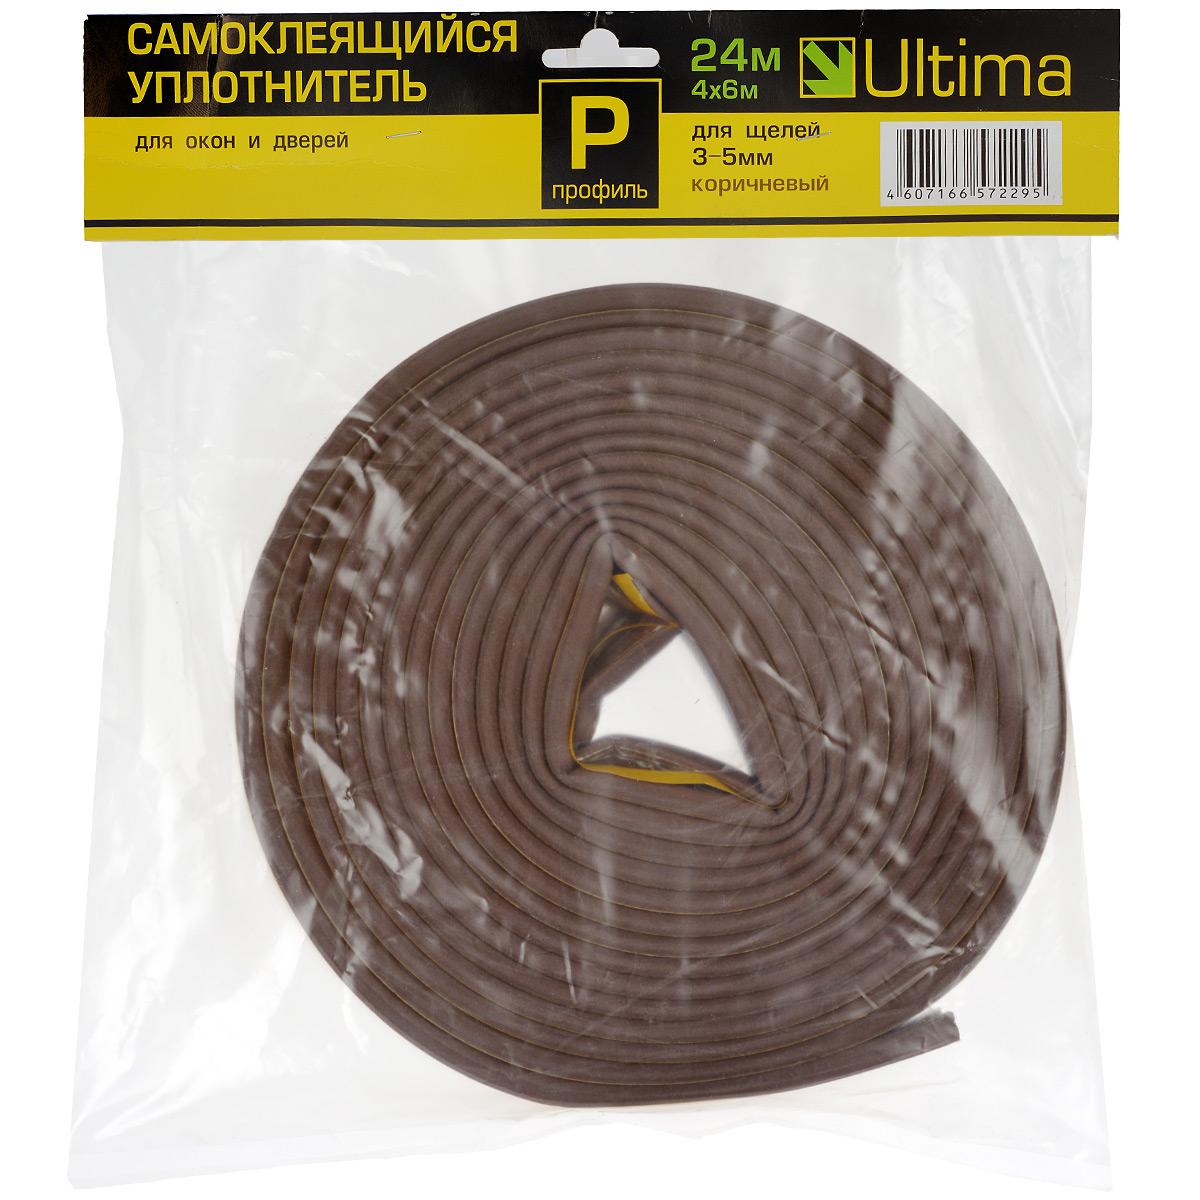 Уплотнитель самоклеящийся Ultima, профиль P, цвет: коричневый, 24 м93947Уплотнитель Ultima для окон самоклеящийся изготовлен из высококачественной вспененной резины EPDM. Используется для заделки трещин, щелей и зазоров шириной 3-5 мм между конструкциями. Рекомендуется для любых типов окон и балконных дверей. Заполняет перекосы рам и неравномерные стыки. Обладает повышенной стойкостью к экстремальным погодным условиям. Уплотнитель имеет отличную шумо- и теплоизоляции на протяжении всего срока эксплуатации.